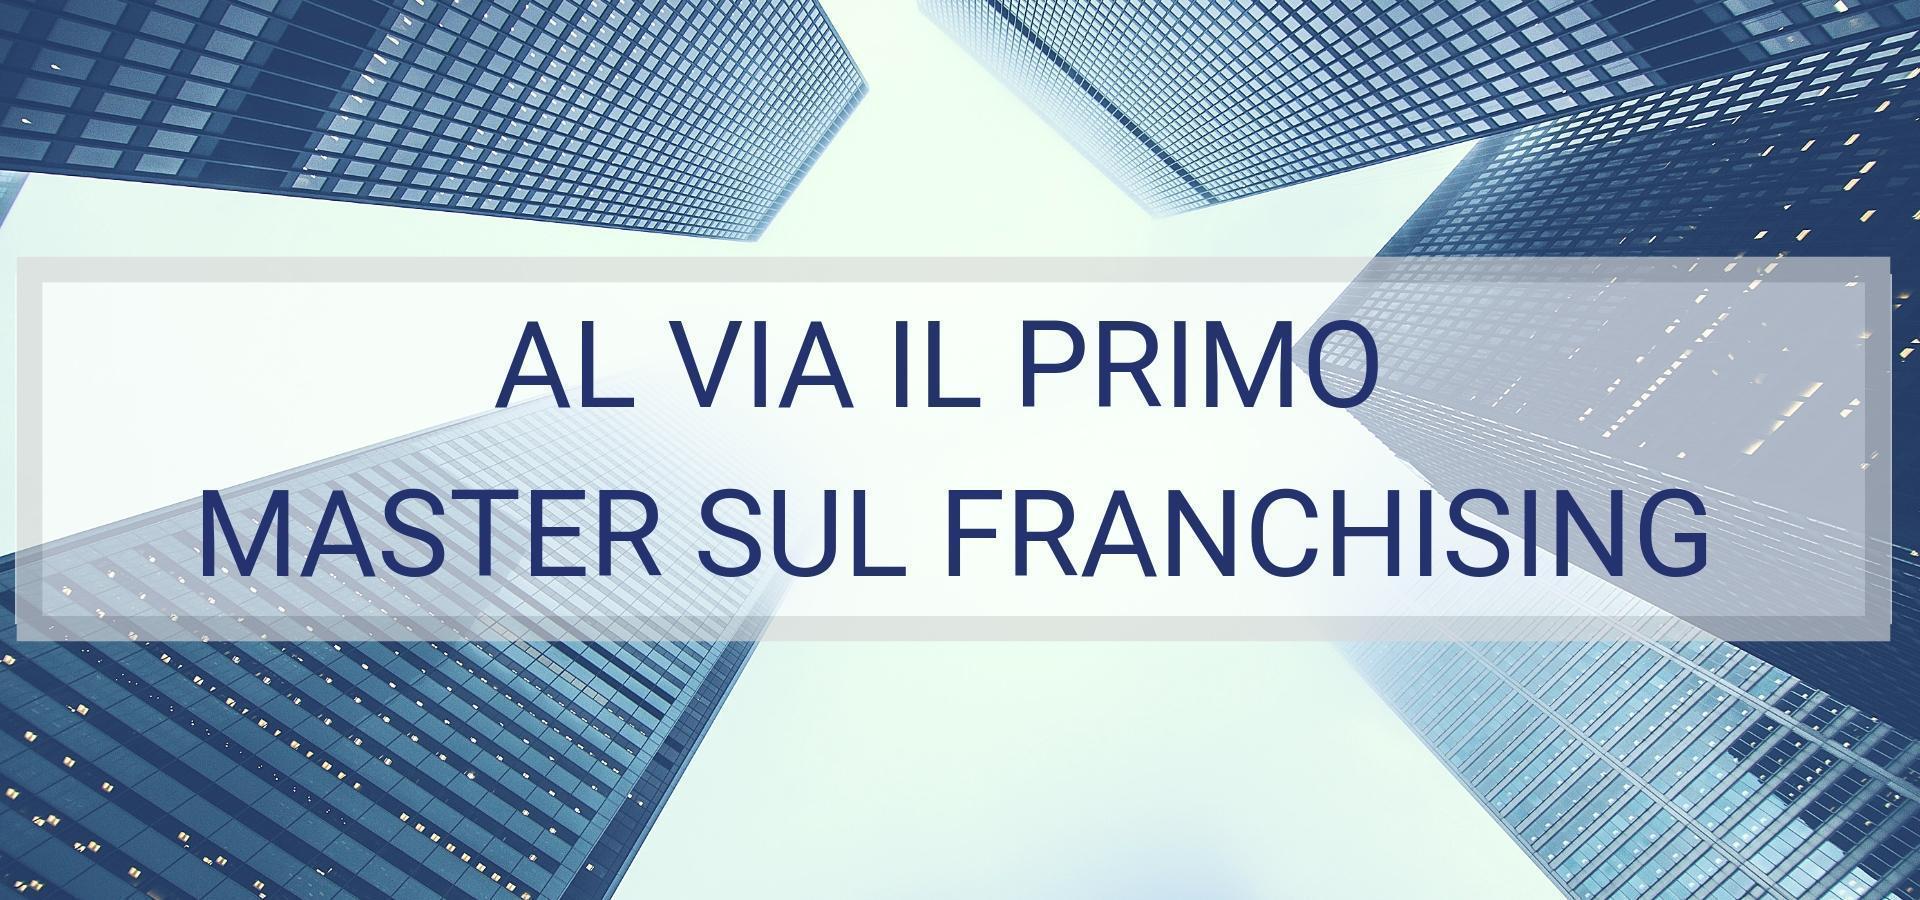 Al-via-il-primo-Master-universitario-sul-franchising